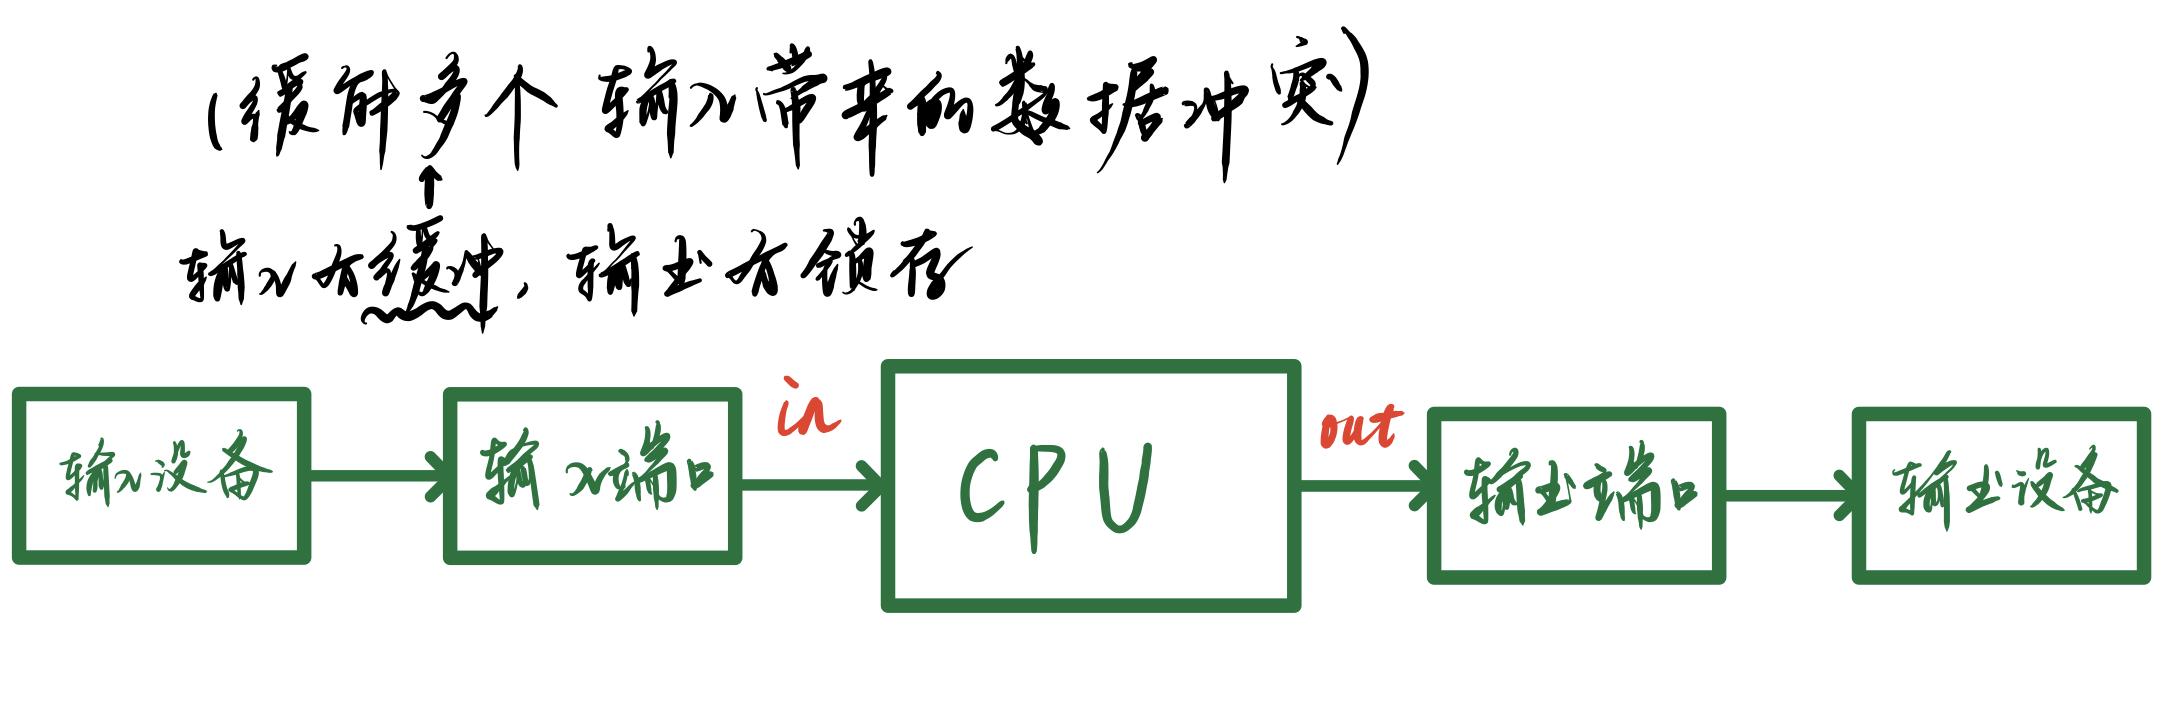 完整的I/O设备,I/O接口电路(端口或网络),CPU的关系